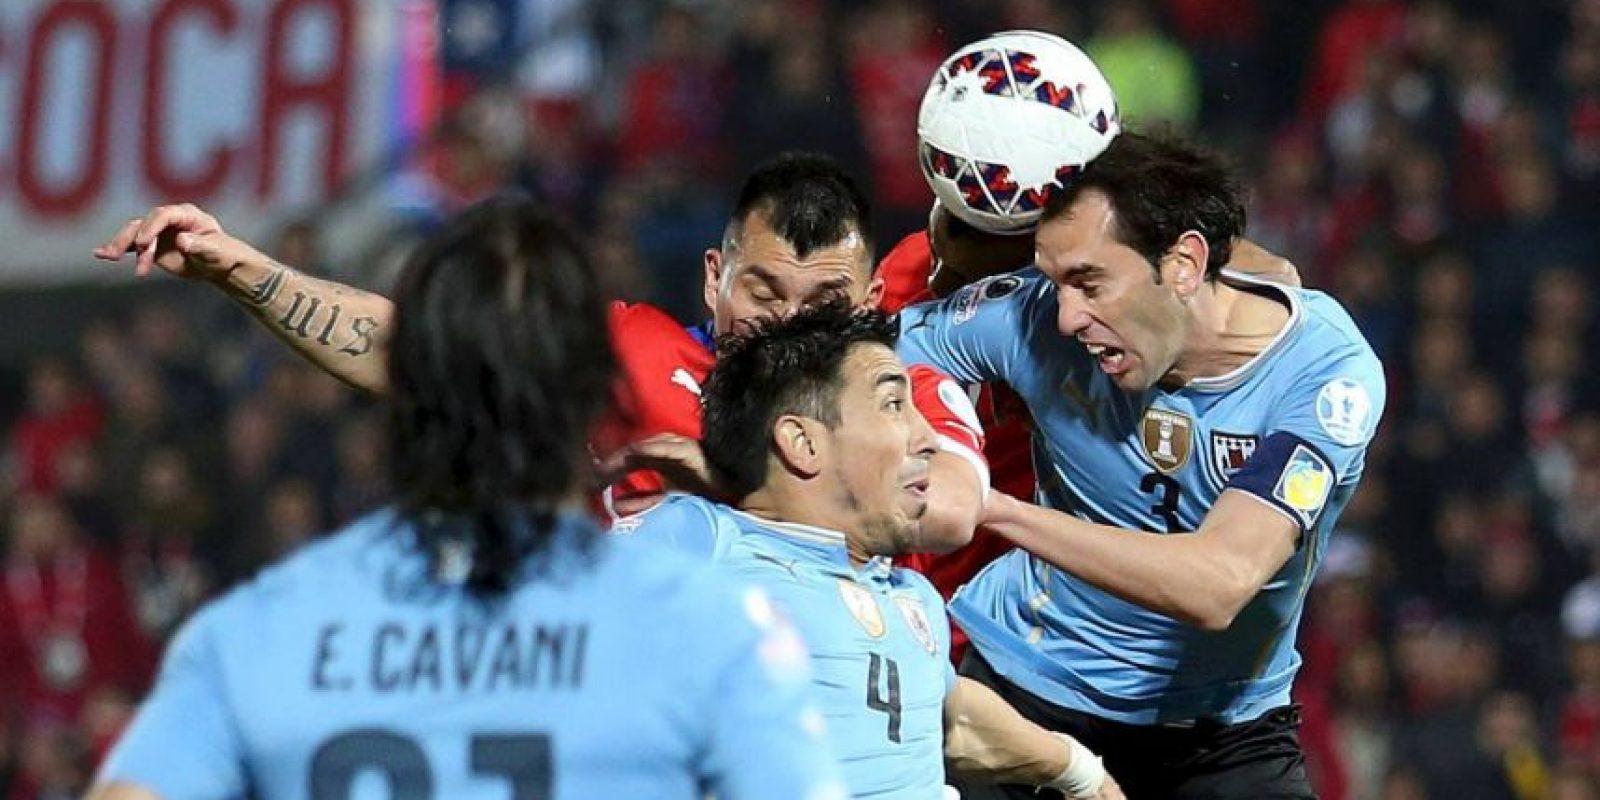 También algunas decisiones arbitrales de Sandro Ricci provocaron la furia de los futbolistas uruguayos. Foto:Vía facebook.com/SeleccionChilena